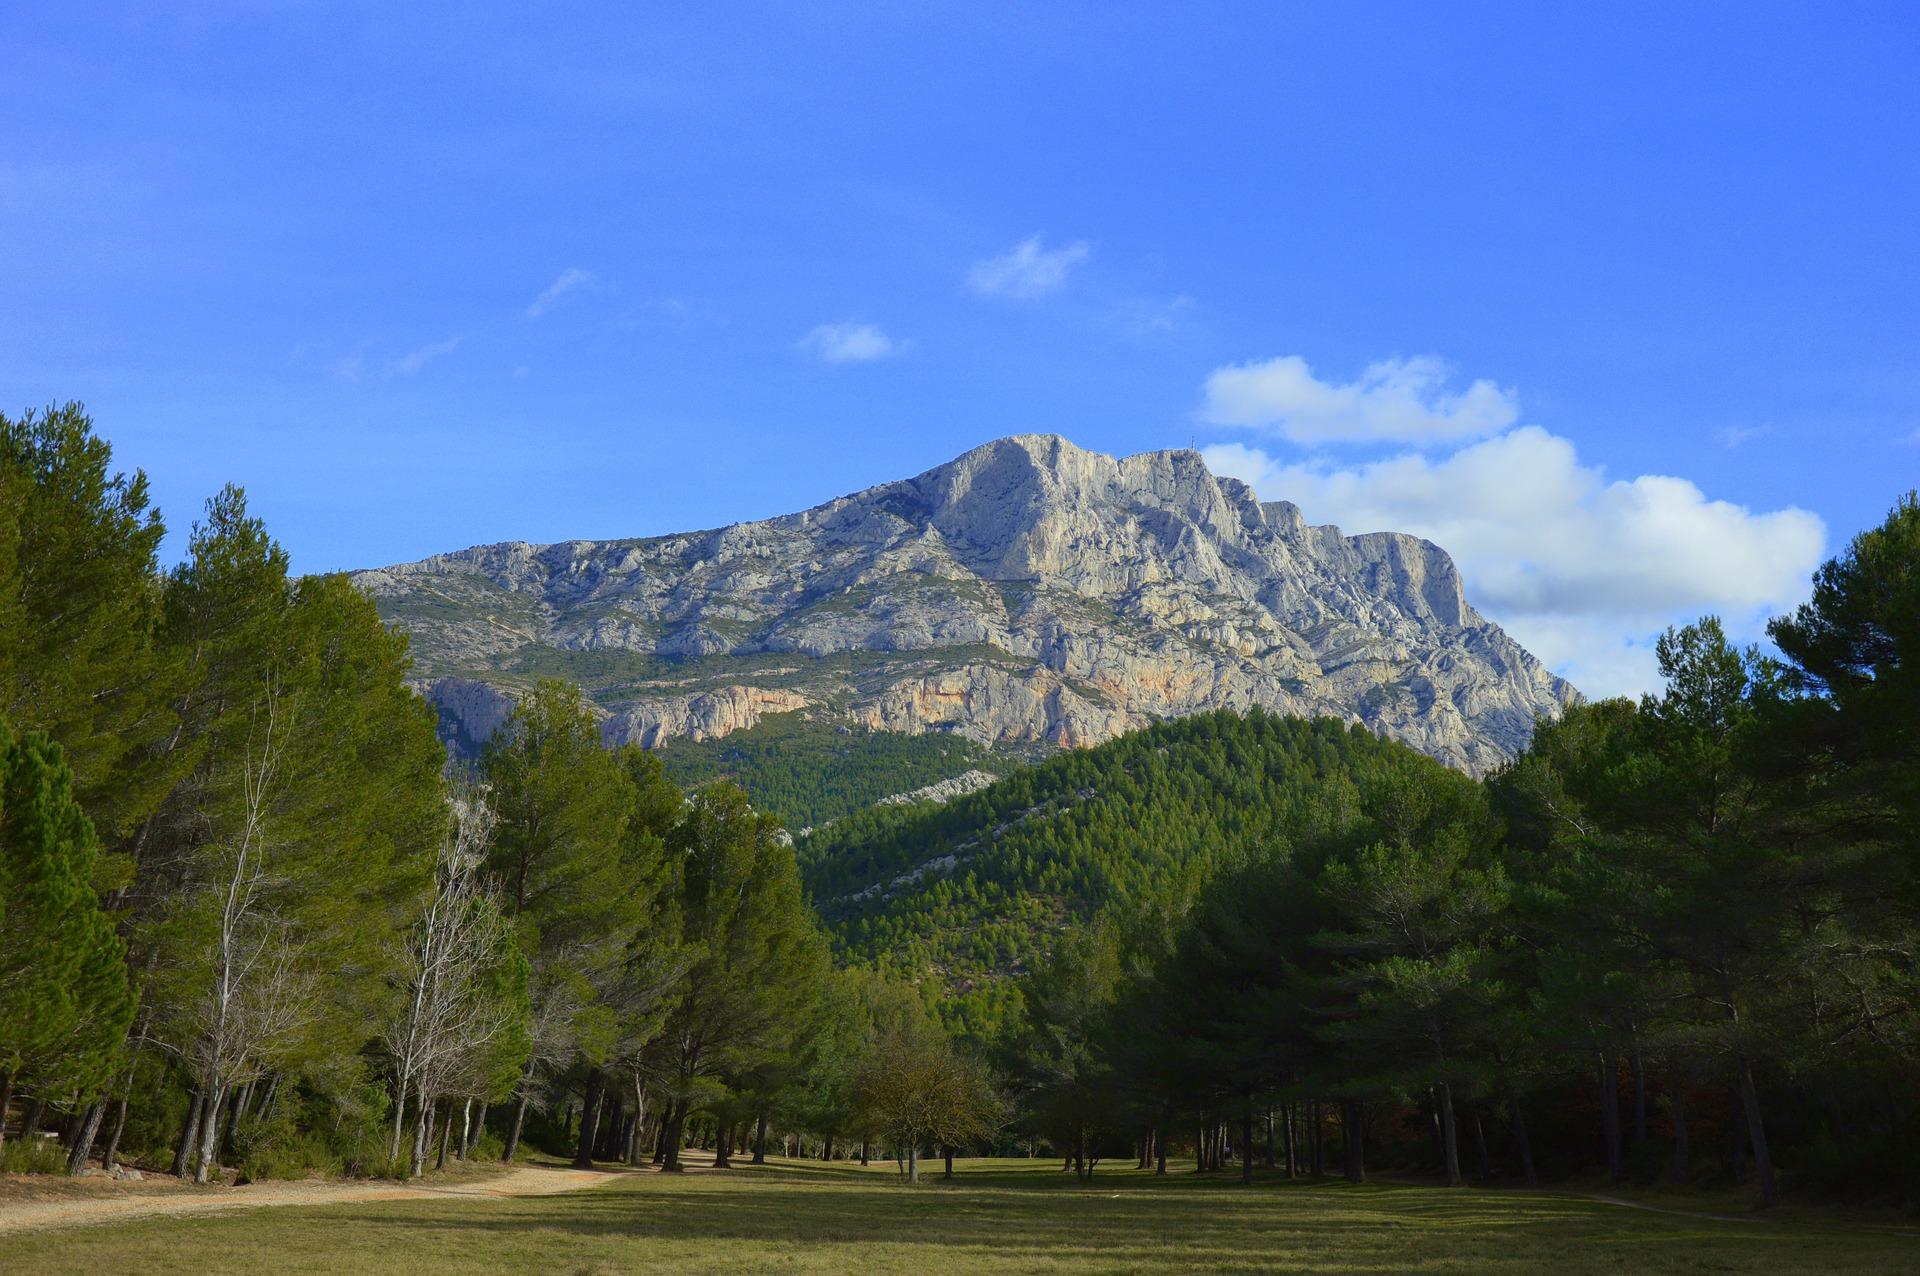 Montagne_Sainte_Victoire_Aix_en_Provence_CC0.jpg?1545812036